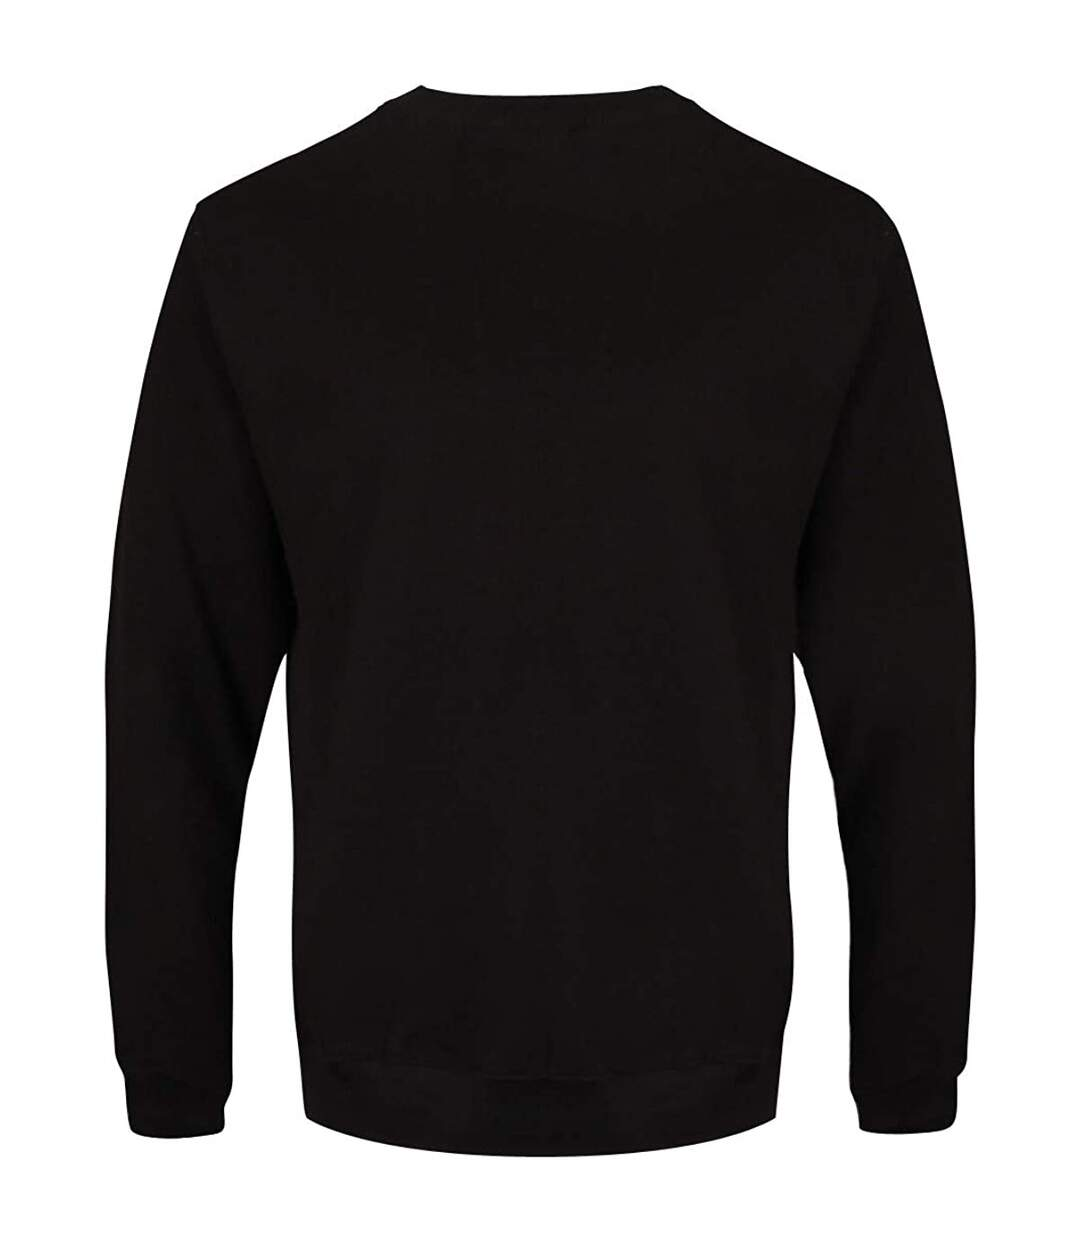 Grindstore Mens Inverted Cross Jumper (Black) - UTGR3381